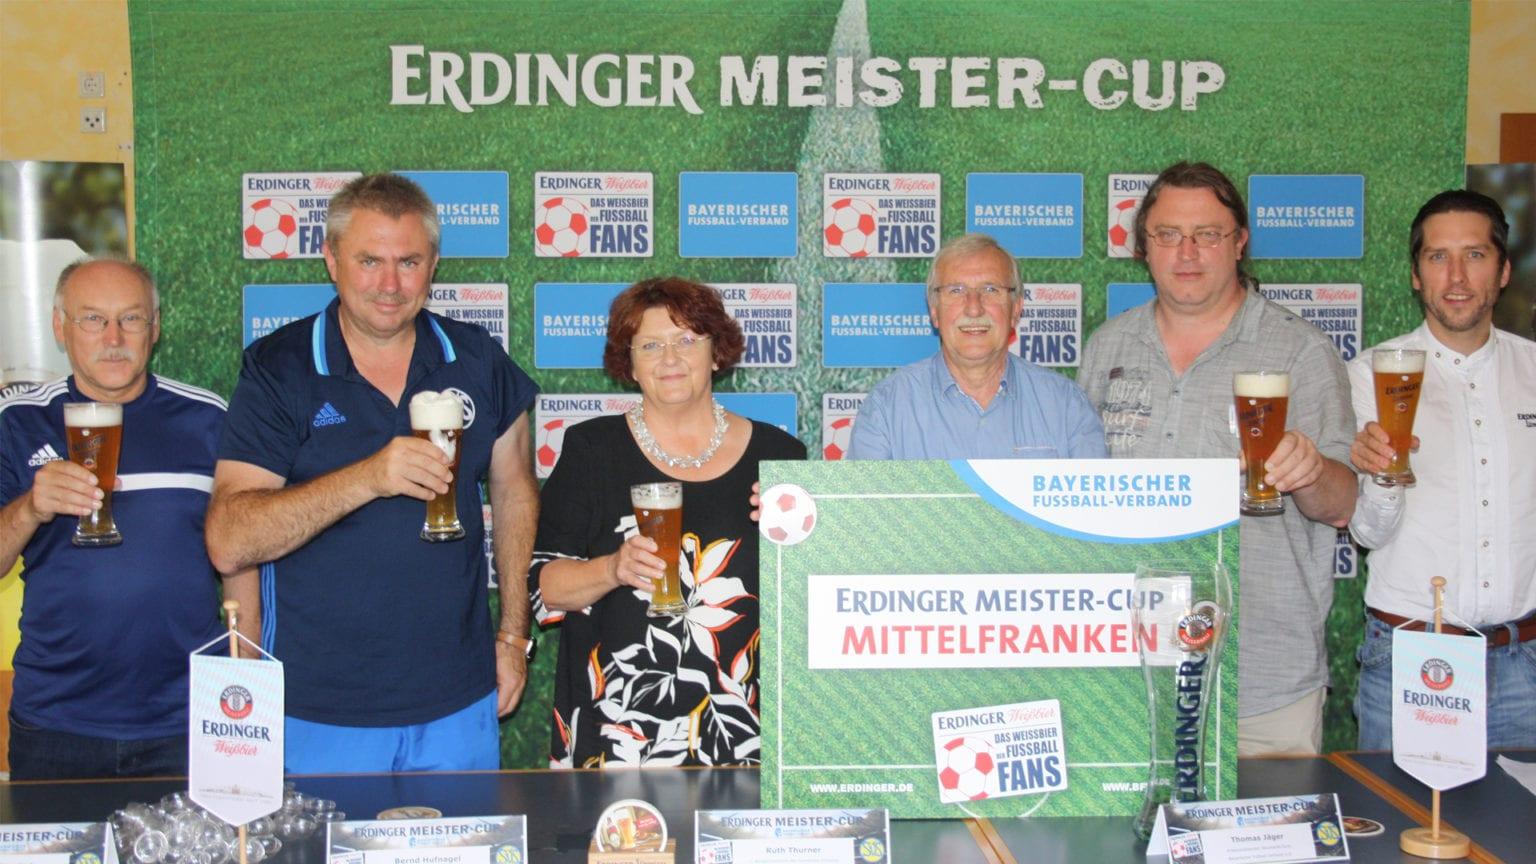 ERDINGER Meister-Cup_Pressegespräch SV Schwaig